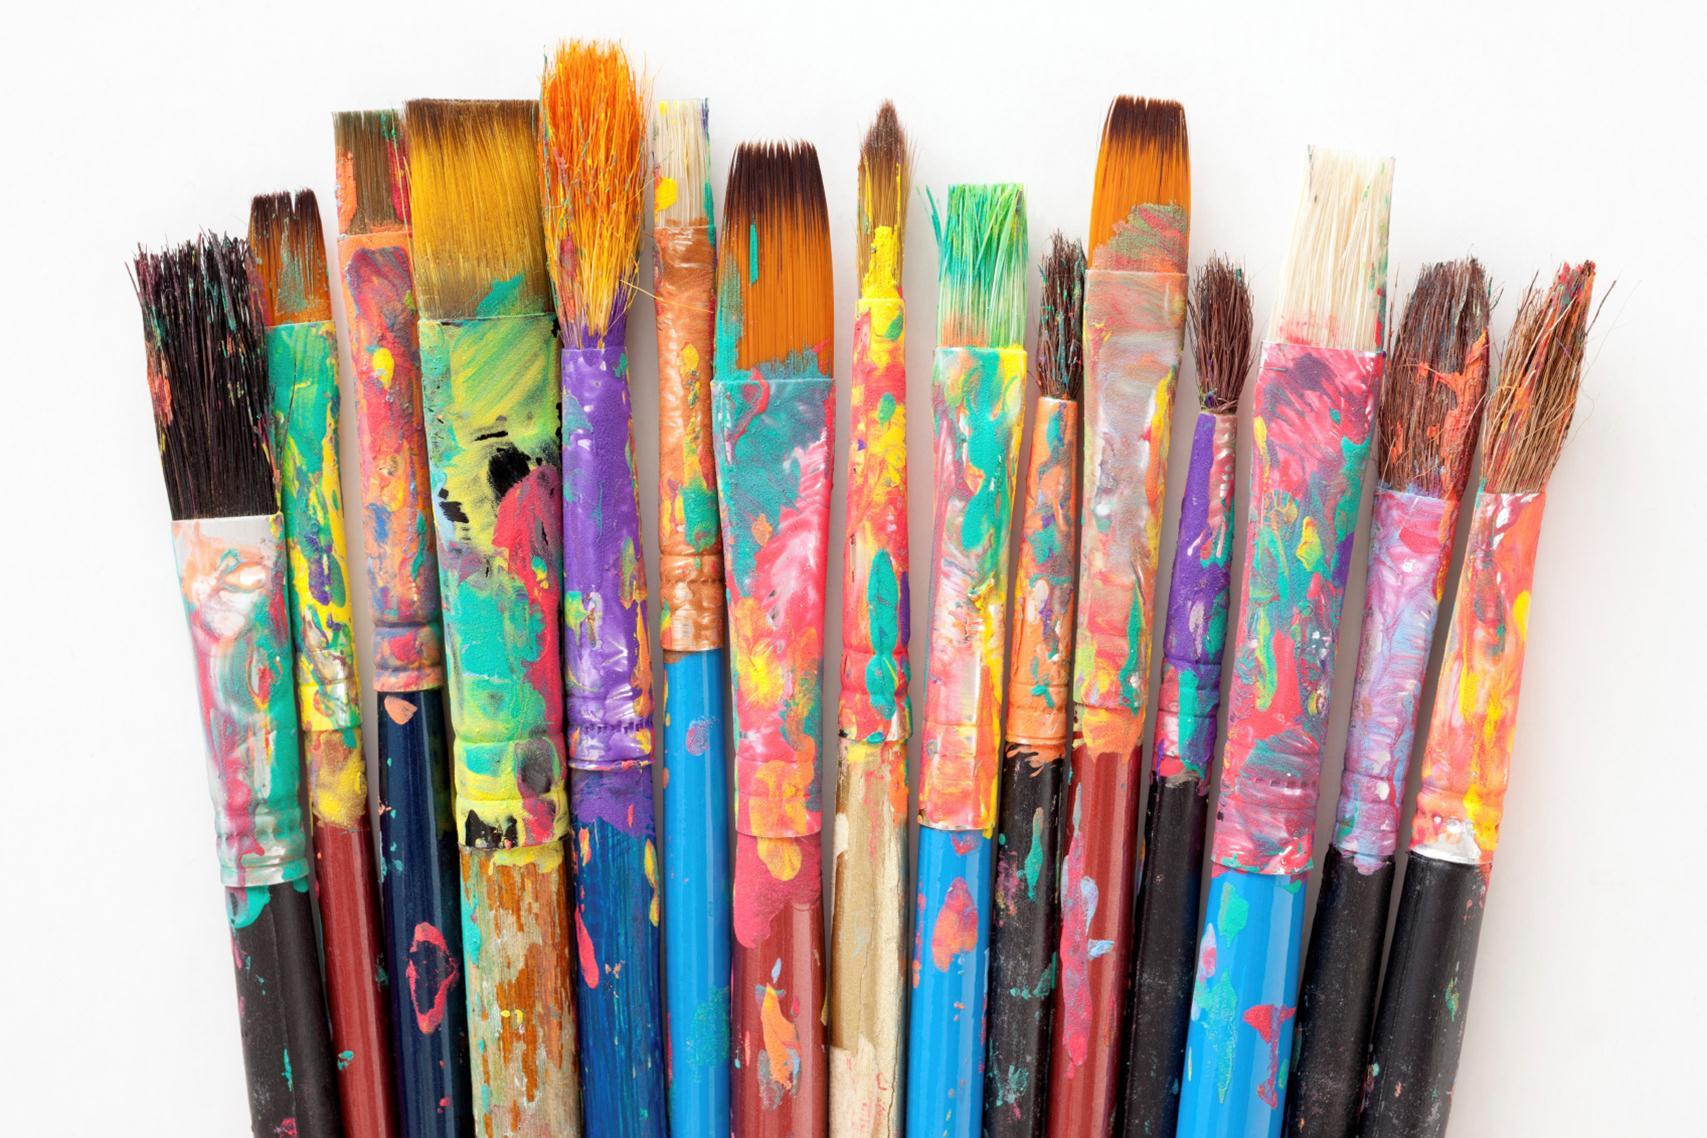 E-Ticaret sitelerinde renkler nasıl seçilmeli